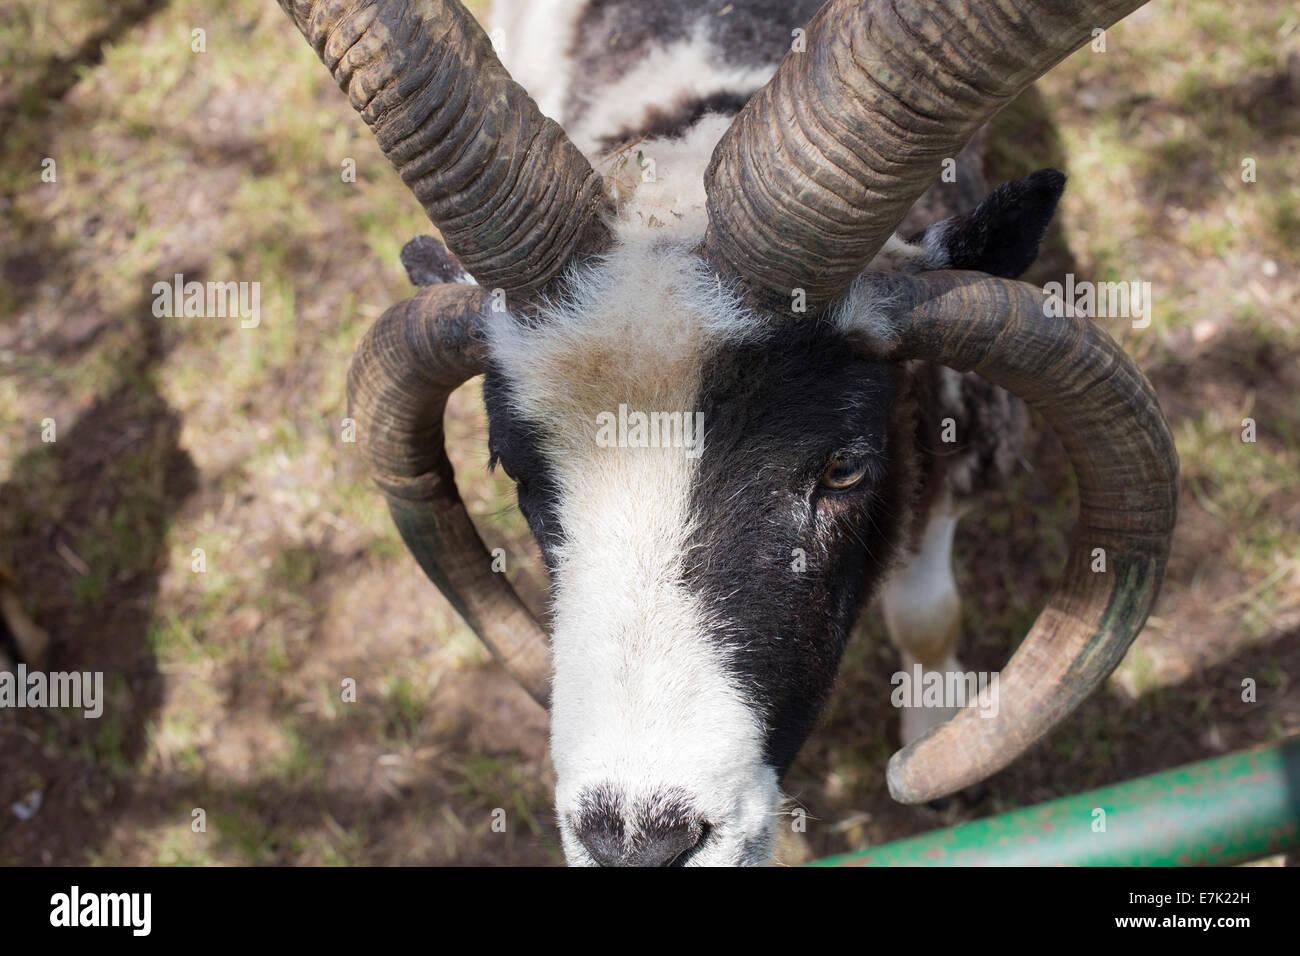 Sterling Heights, Michigan - Un Jacob cuernos cuatro ovejas en un zoológico de contacto. Imagen De Stock